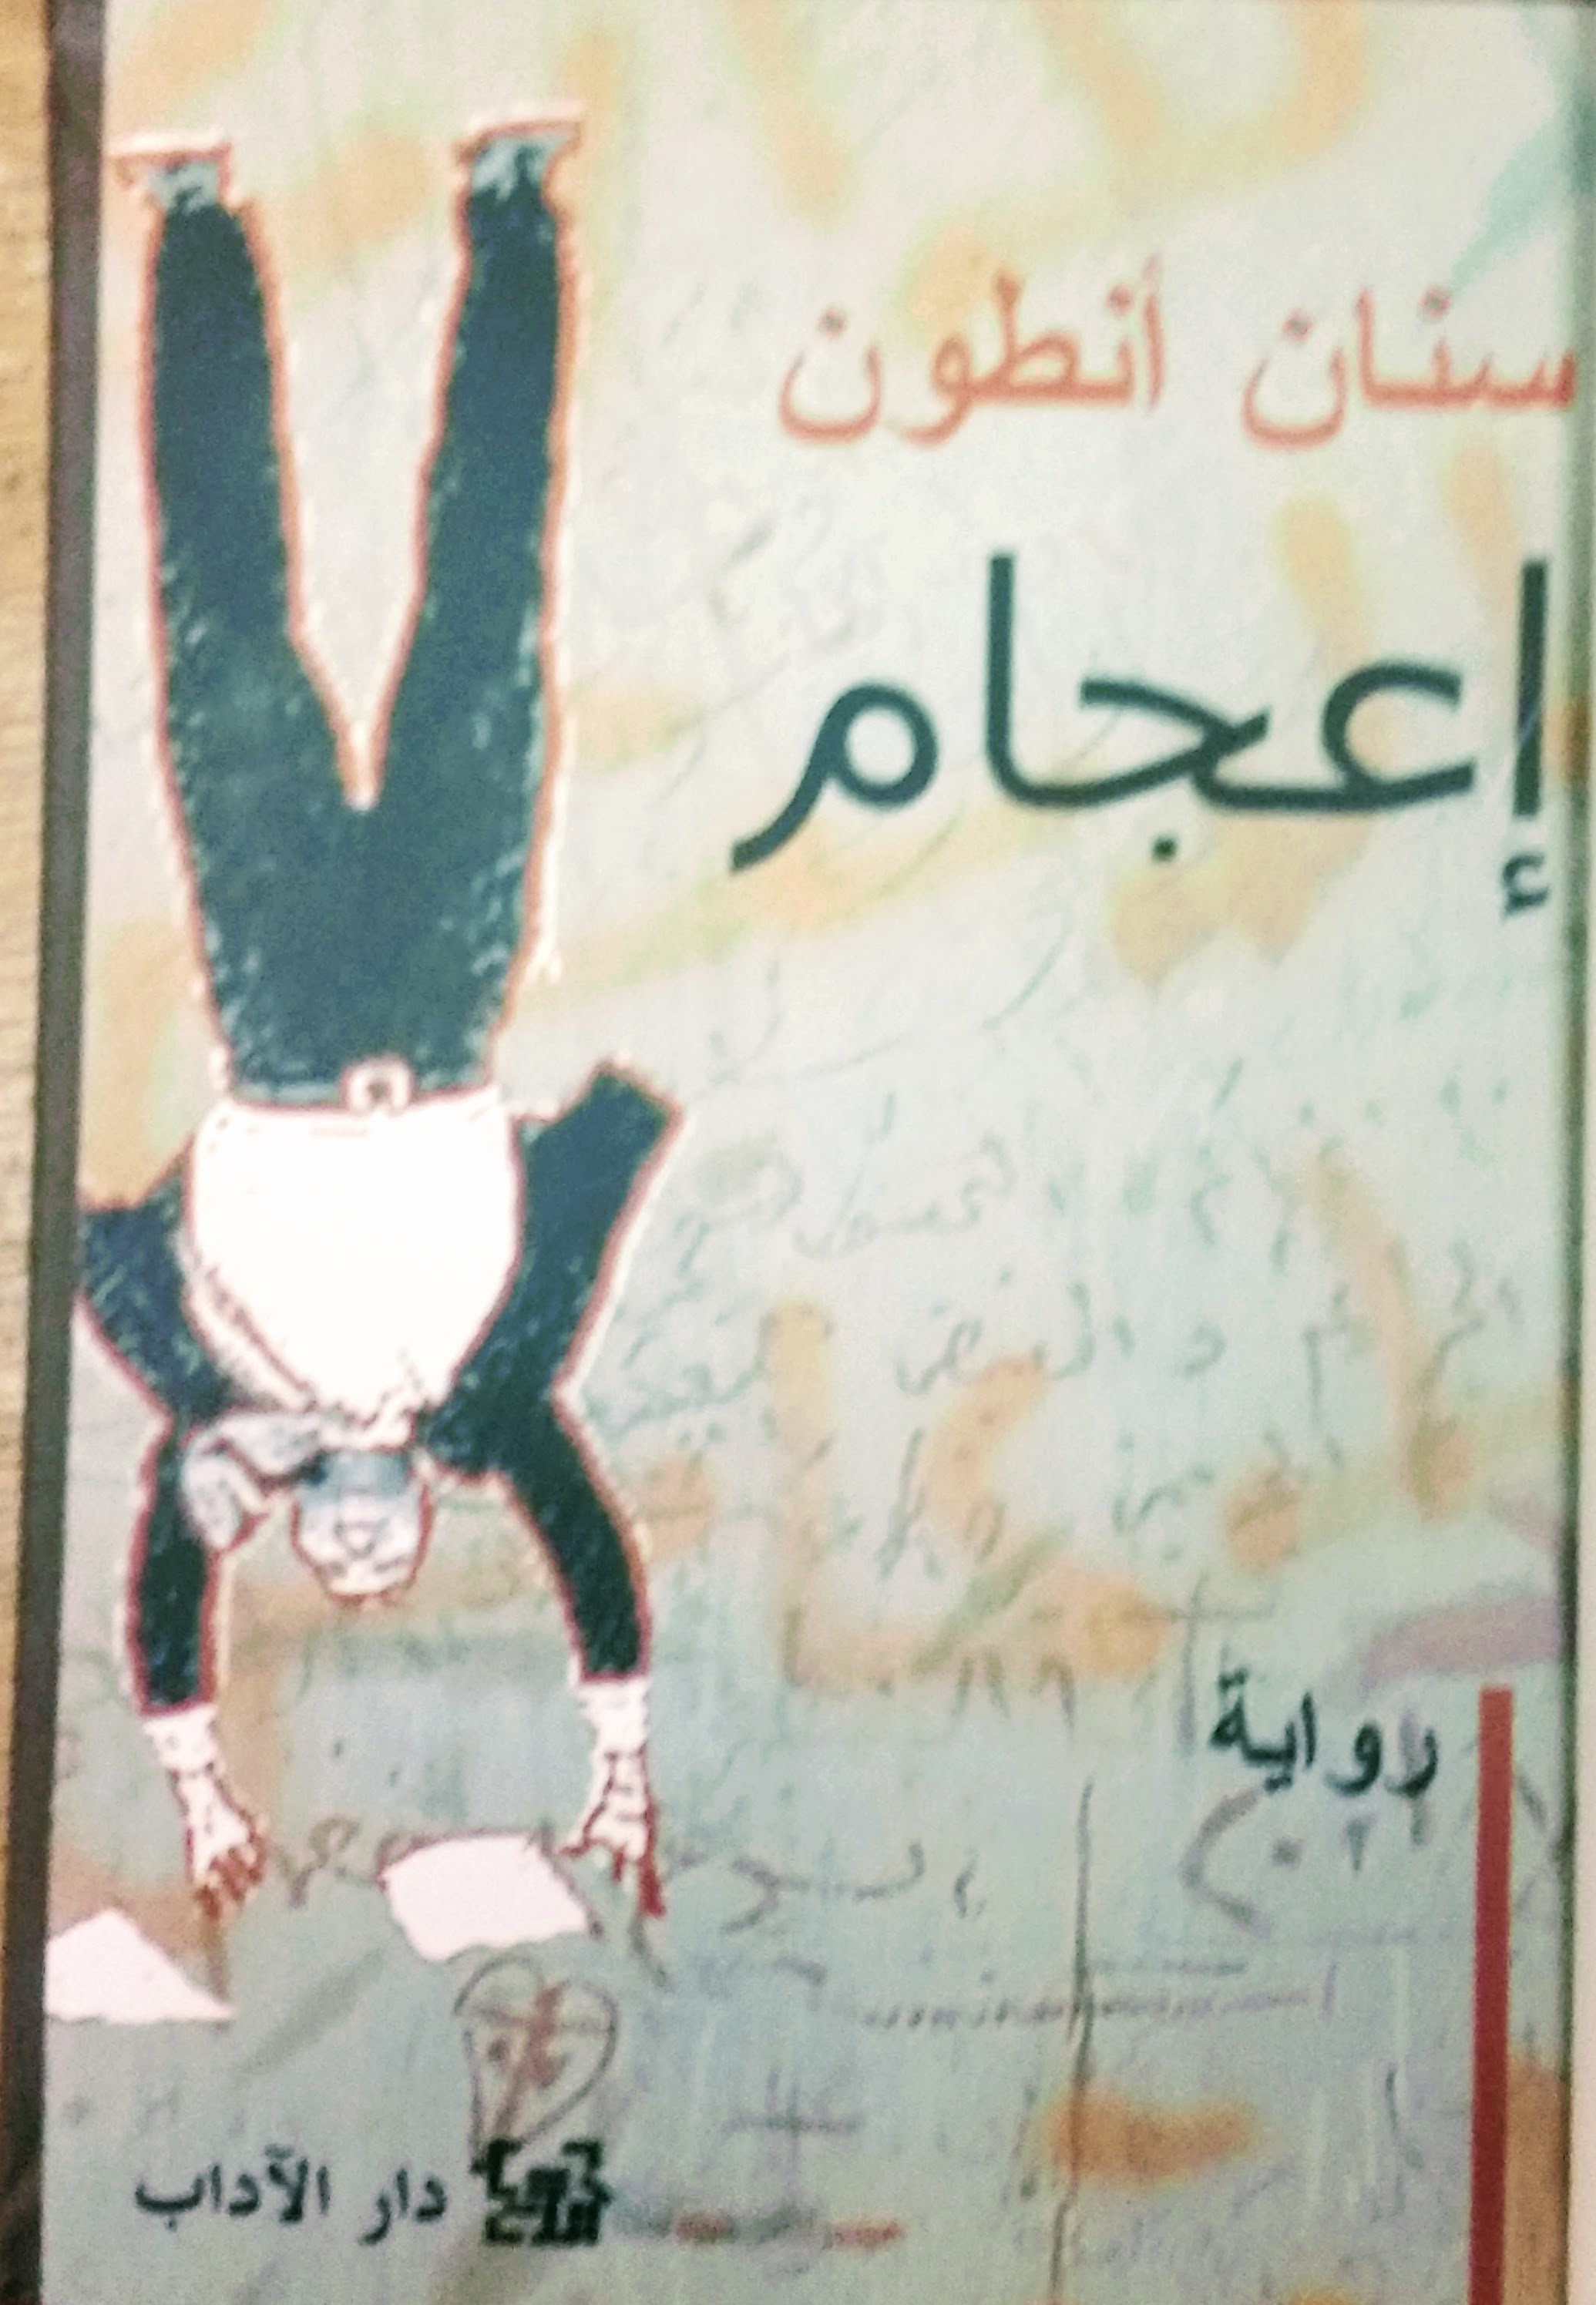 Iʿjām by Sinan Antoon (Bayrūt: Dār al-Ādāb, 2004)